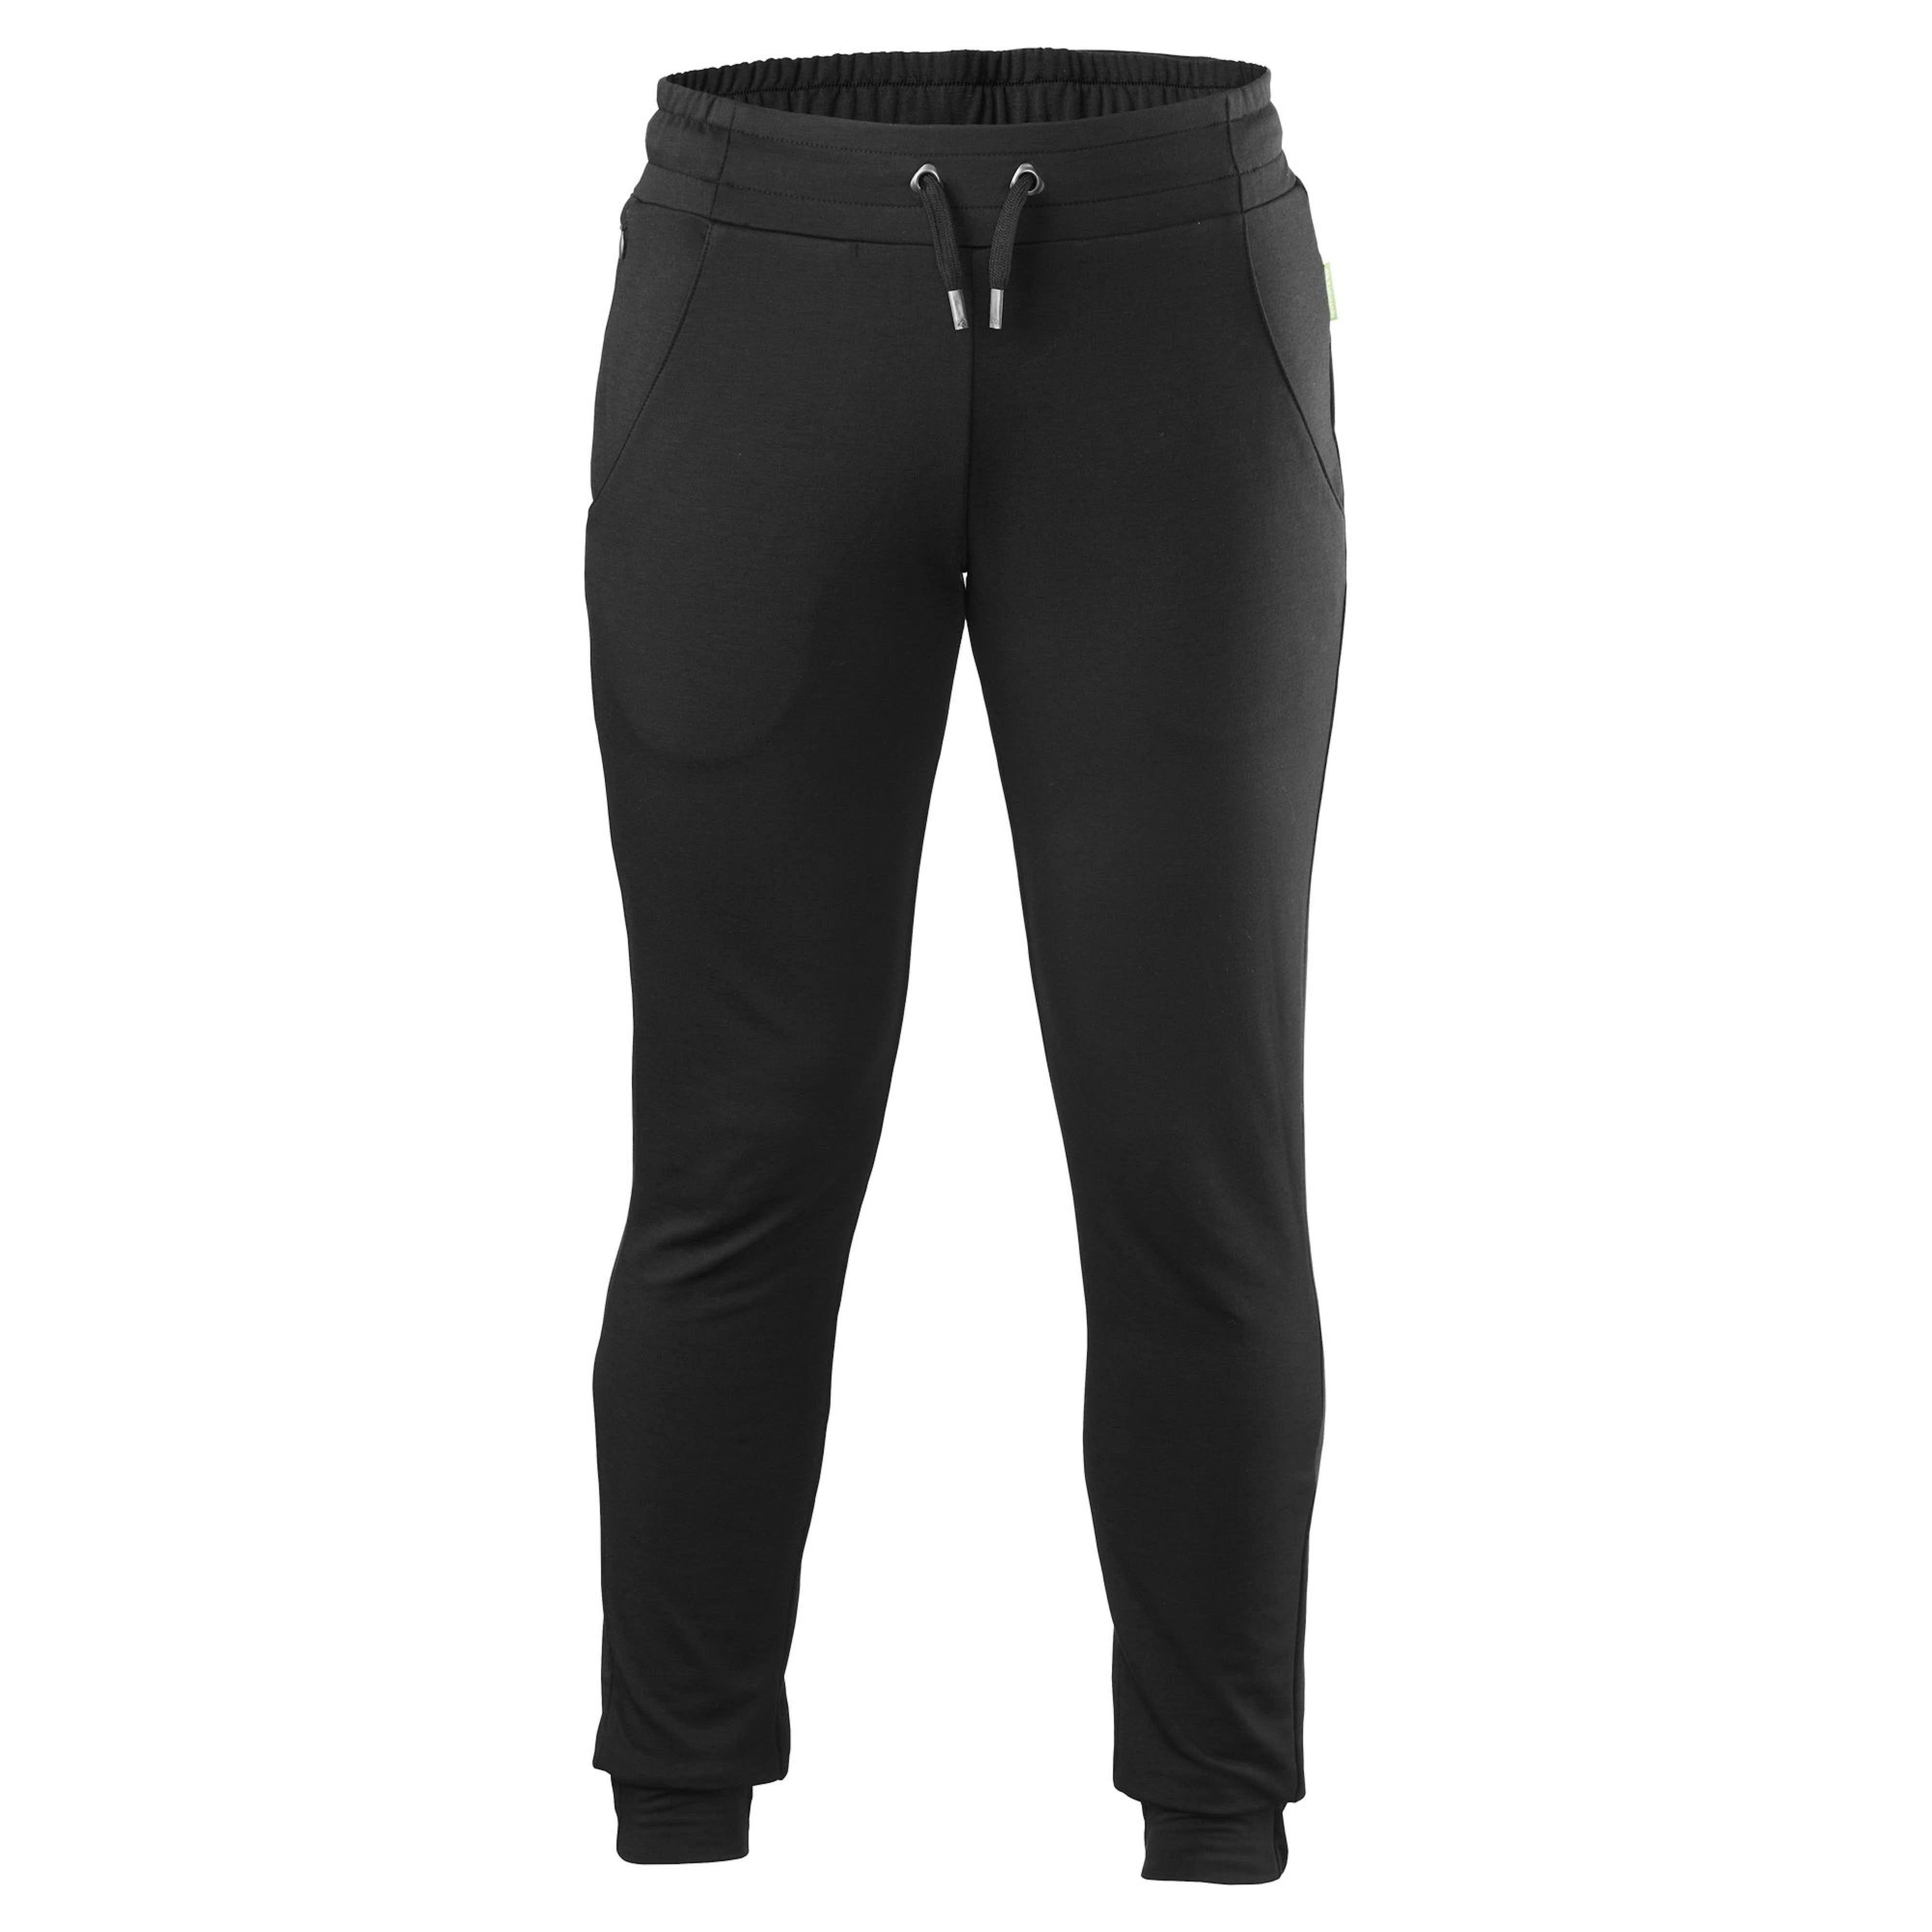 d46862e79254 Womens Hiking Pants   Shorts